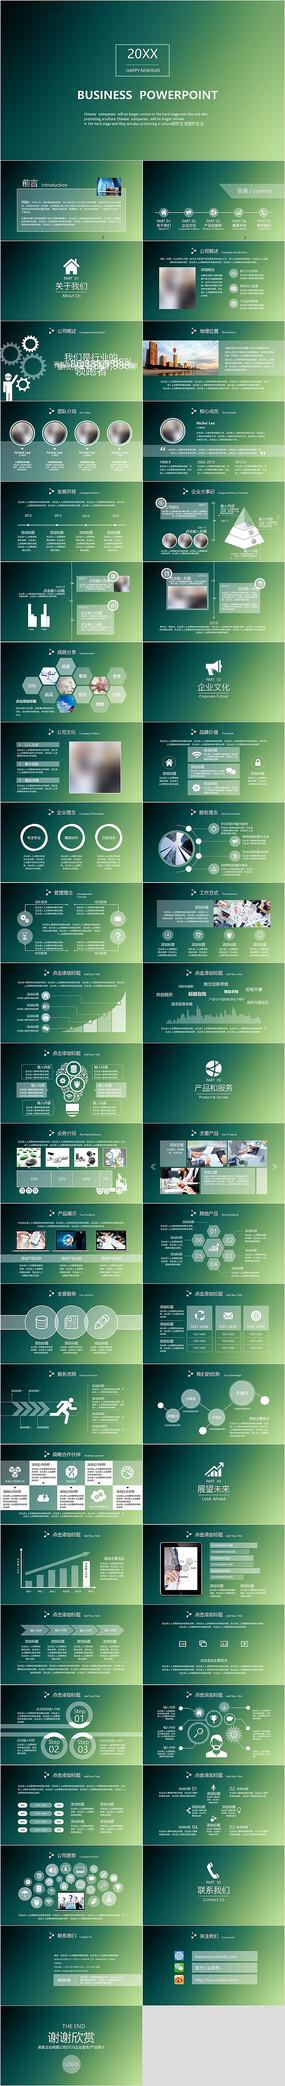 绿色简约年终工作述职暨工作计划ppt模板